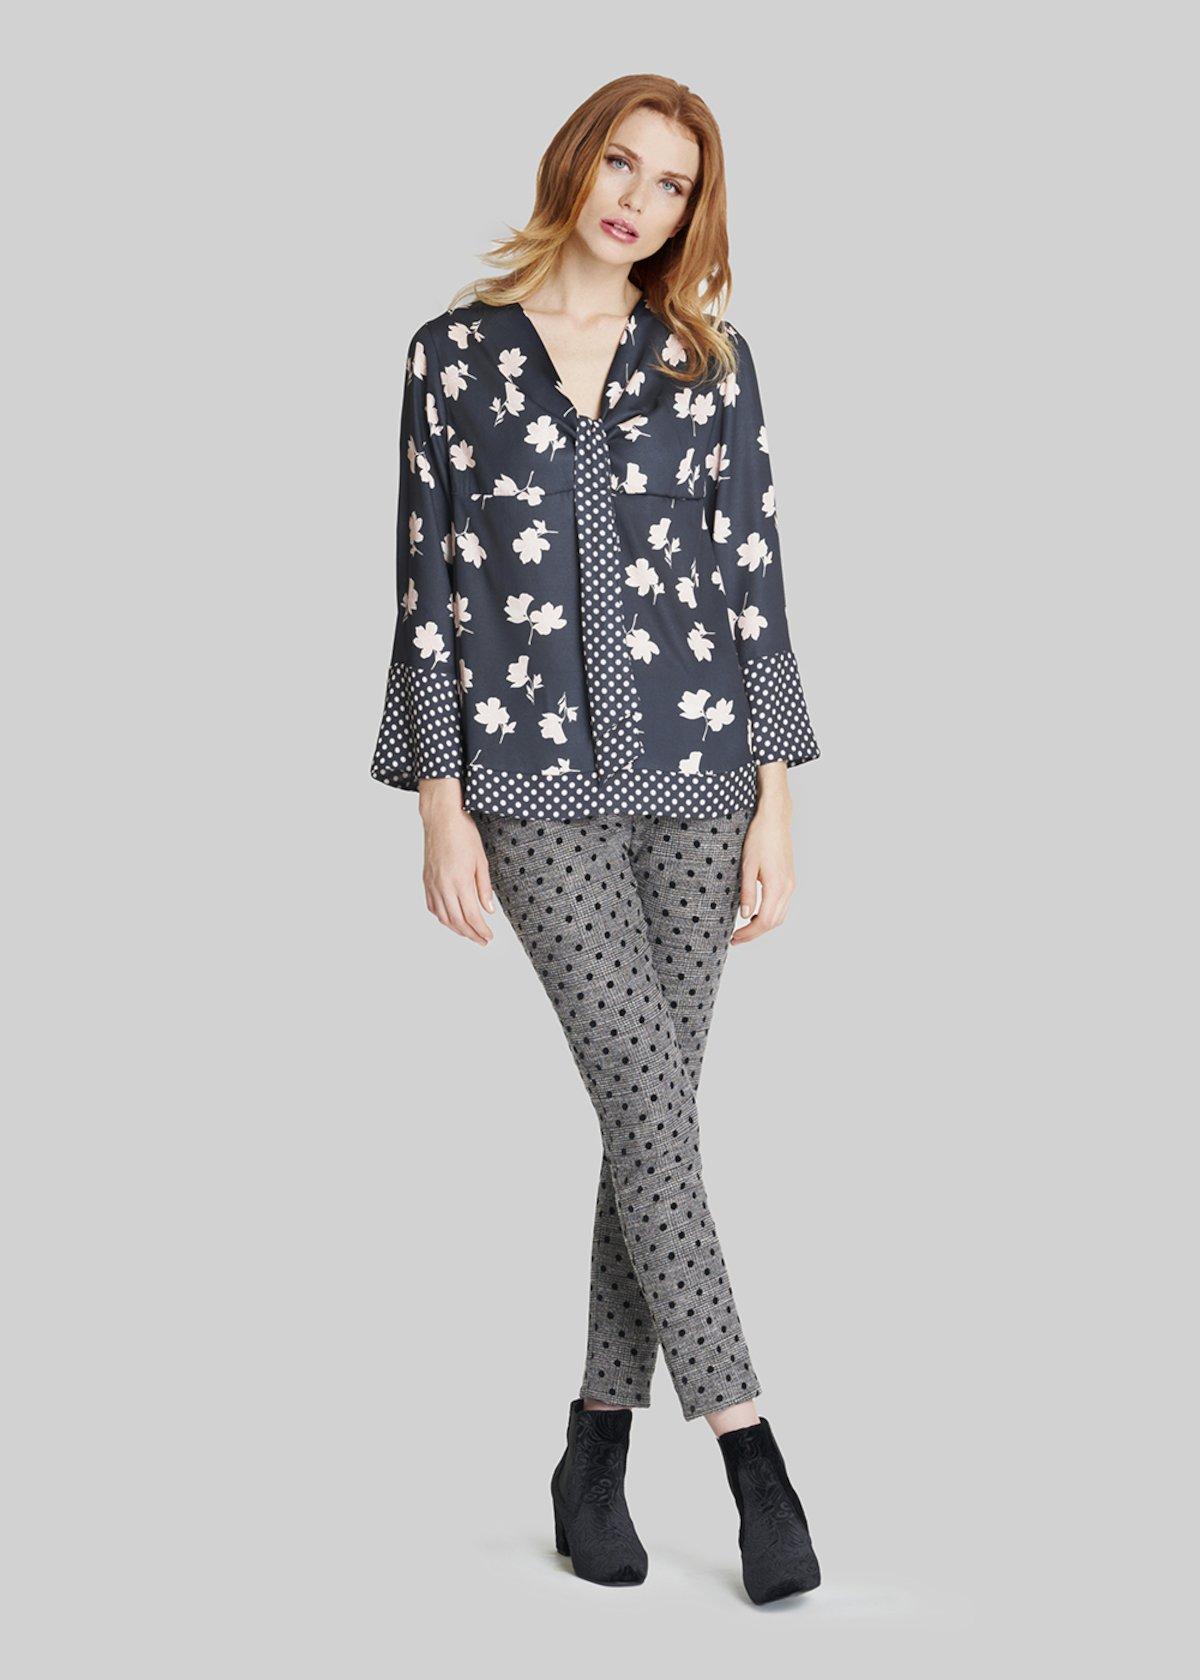 T-shirt Simona dettaglio sciarpina con print in contrasto - Sepia /  Black Fantasia - Donna - Immagine categoria